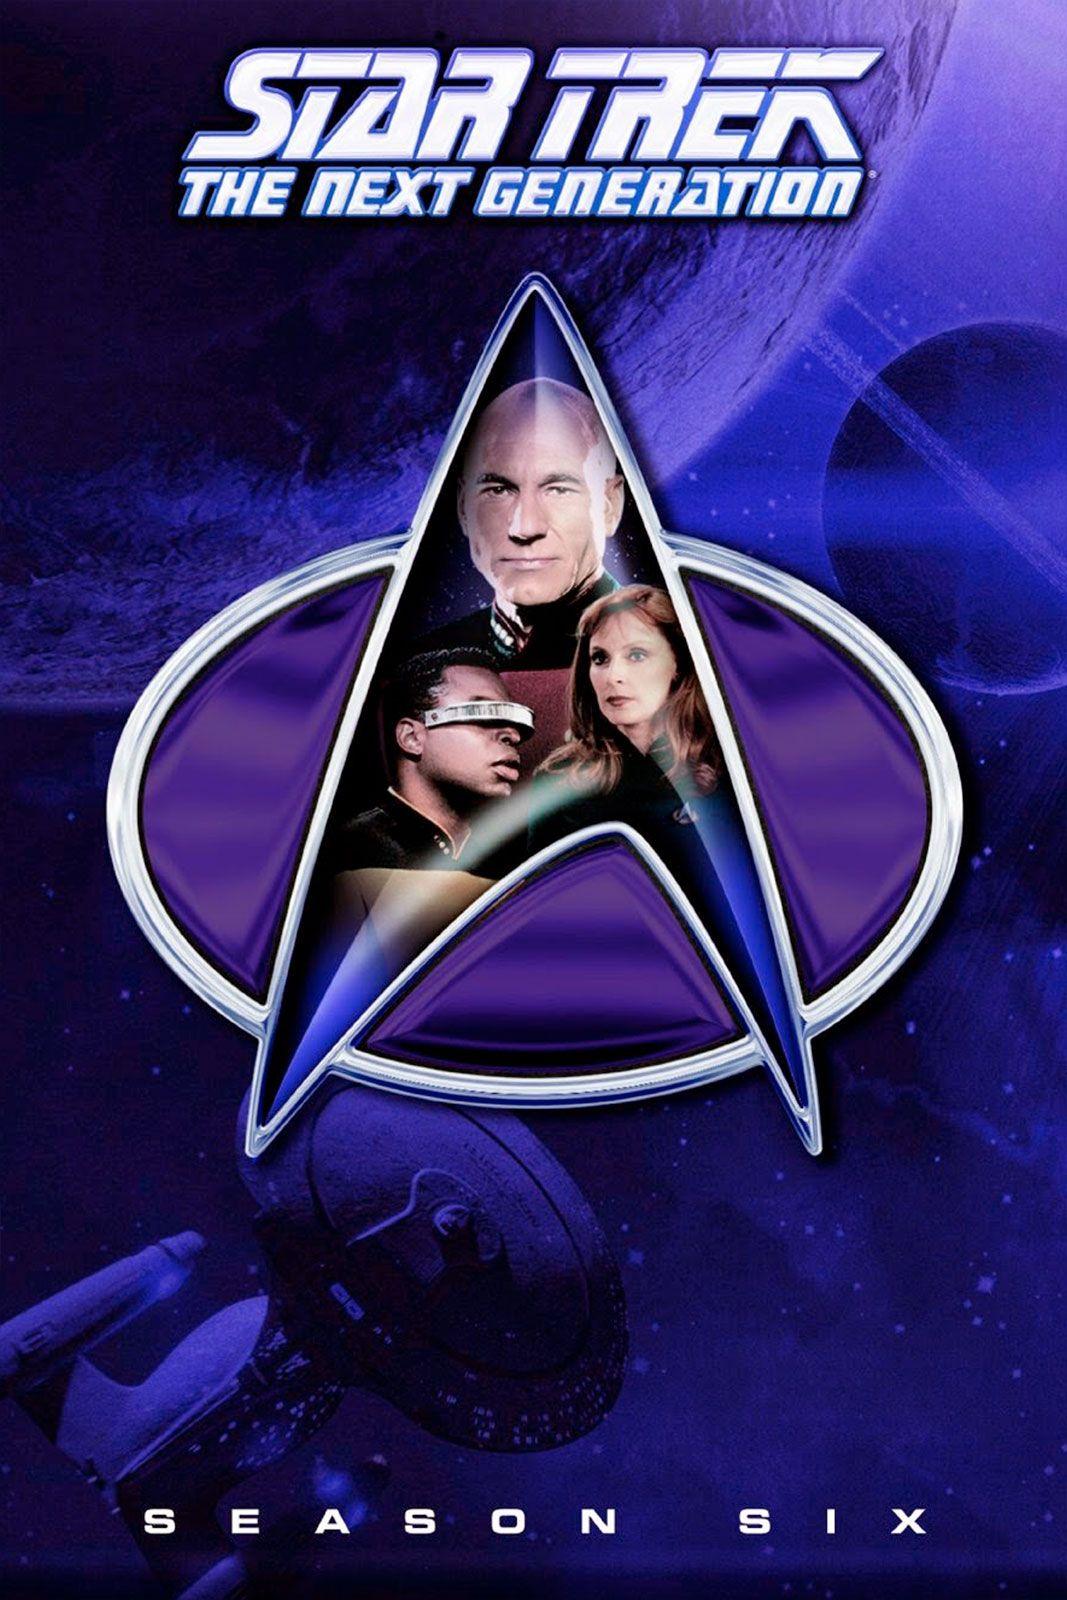 52 Star Trek The Next Generation 1992 93 S06 4 5 01 02 18 A Falta De Veure L última La Millor Temporada De Totes Star Trek Trek Stars